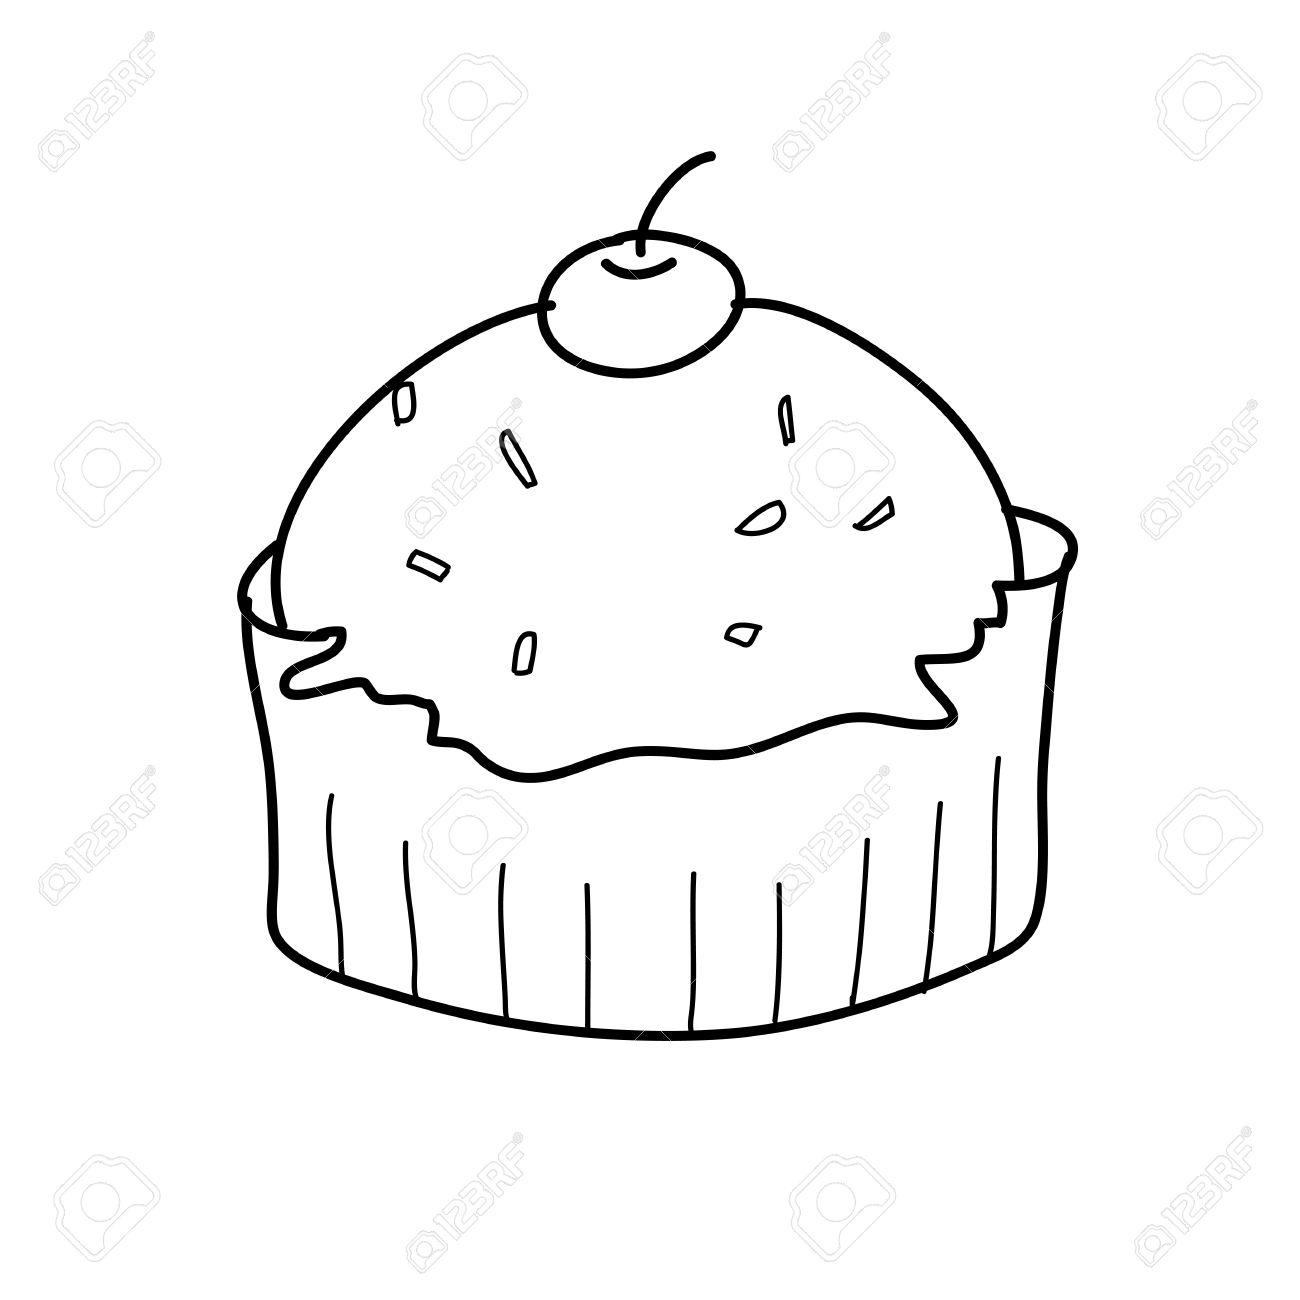 Dessin Libre coupe croquis de gâteau dans le style dessin noir et blanc main